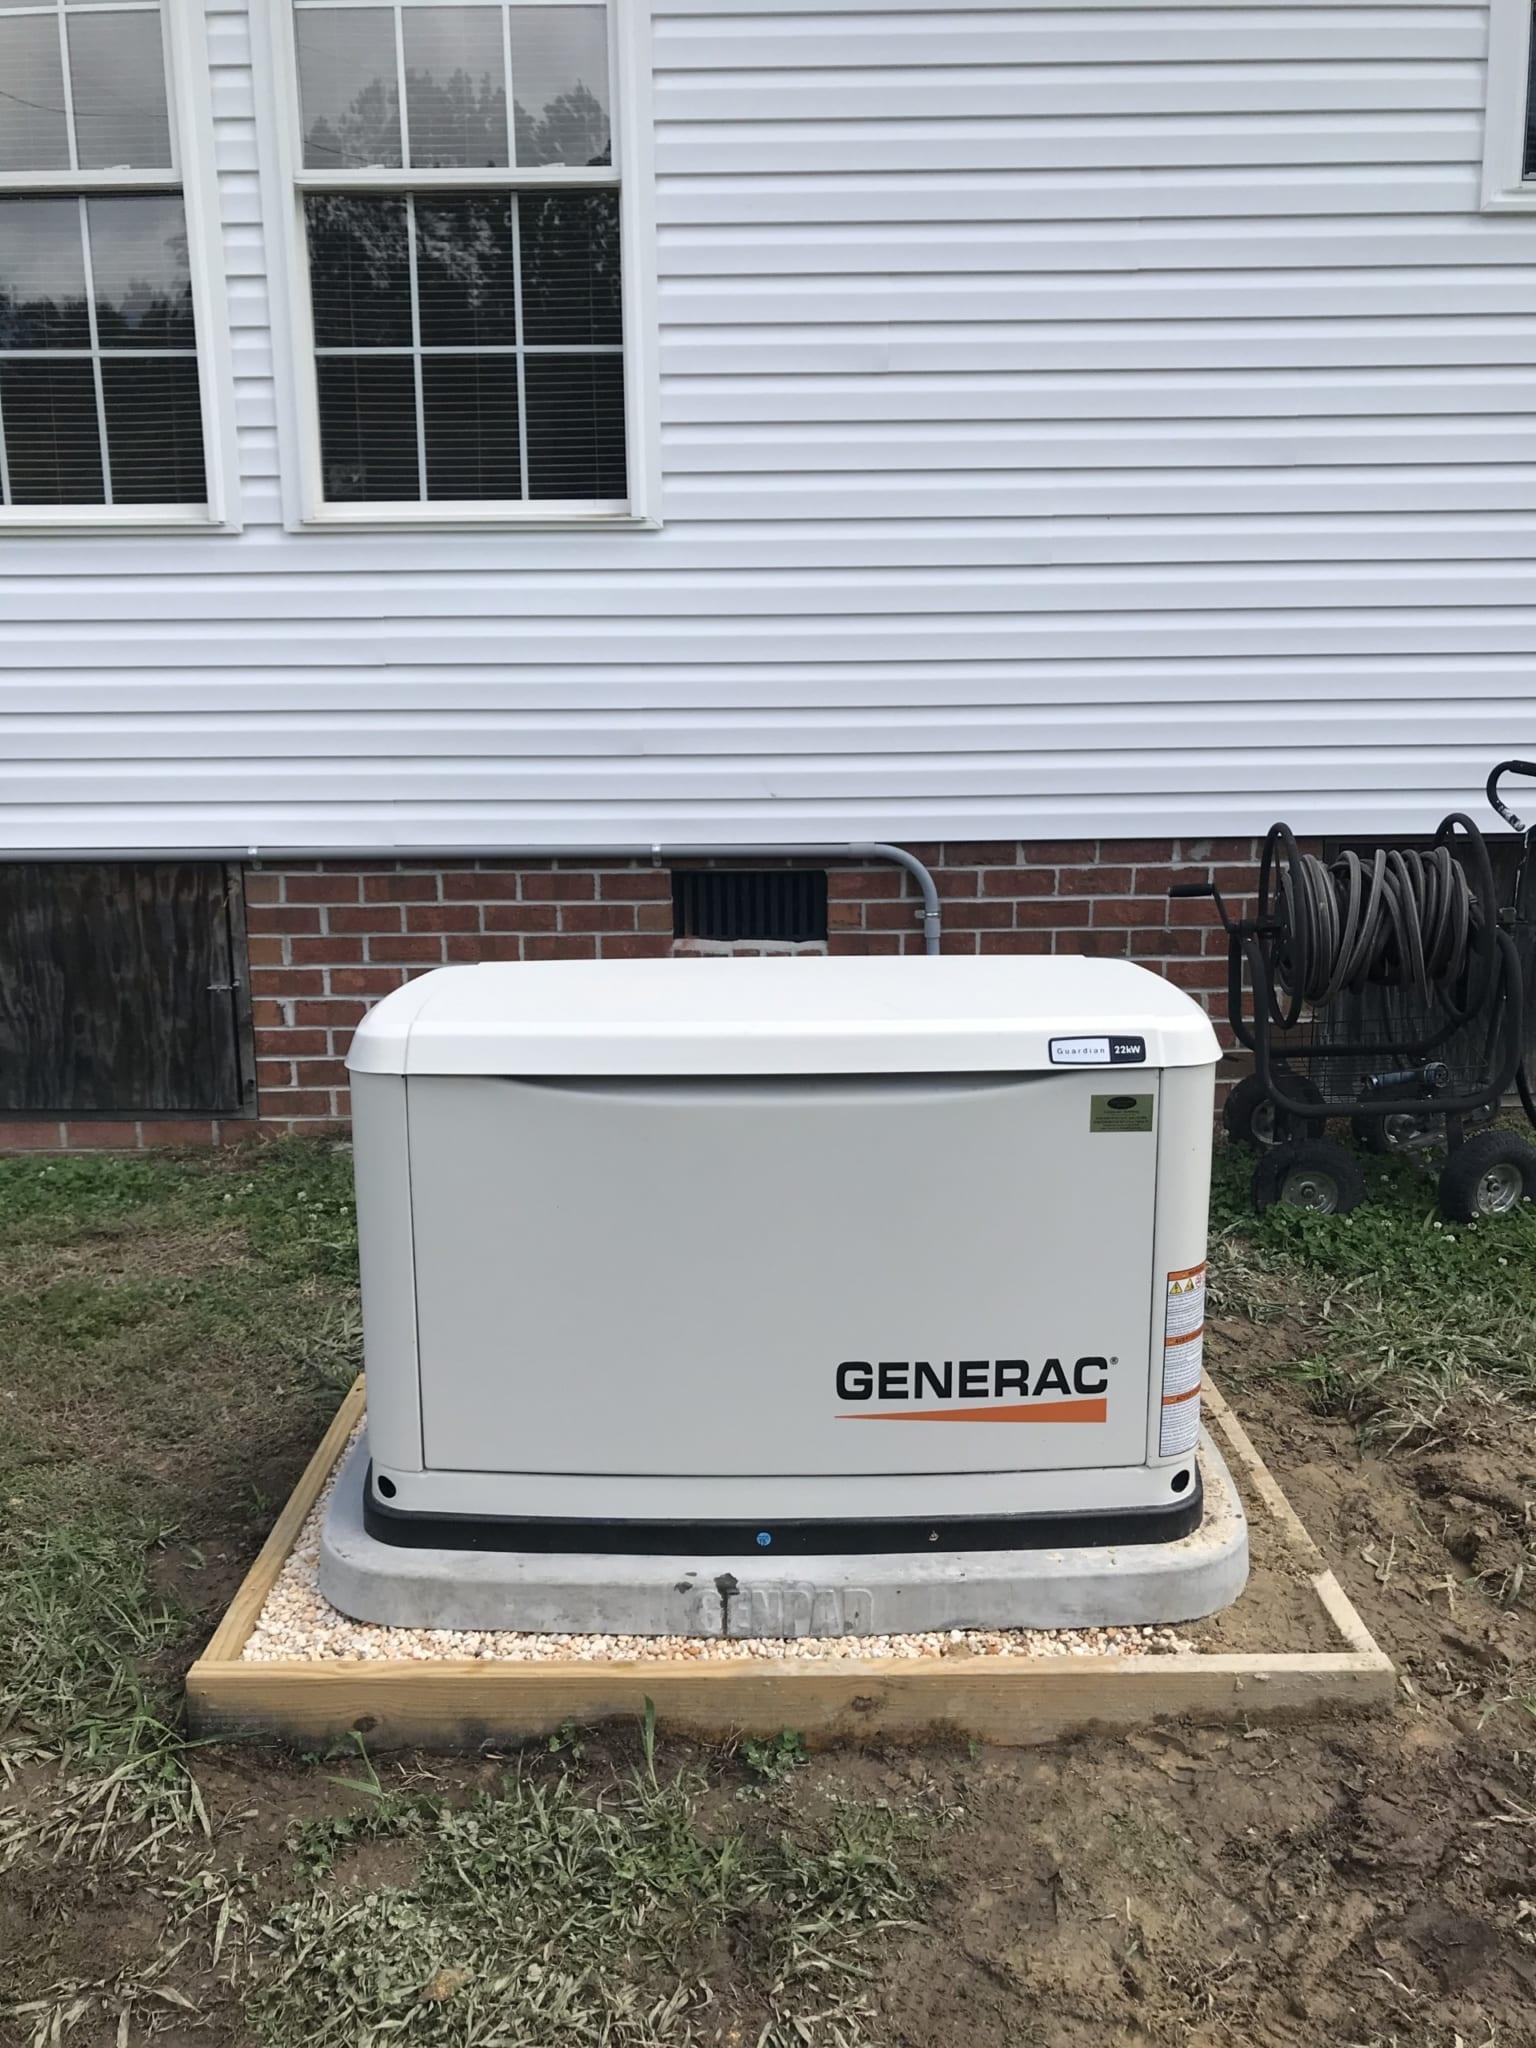 5.22.20 Brunswick Generac Automatic Standby Generators